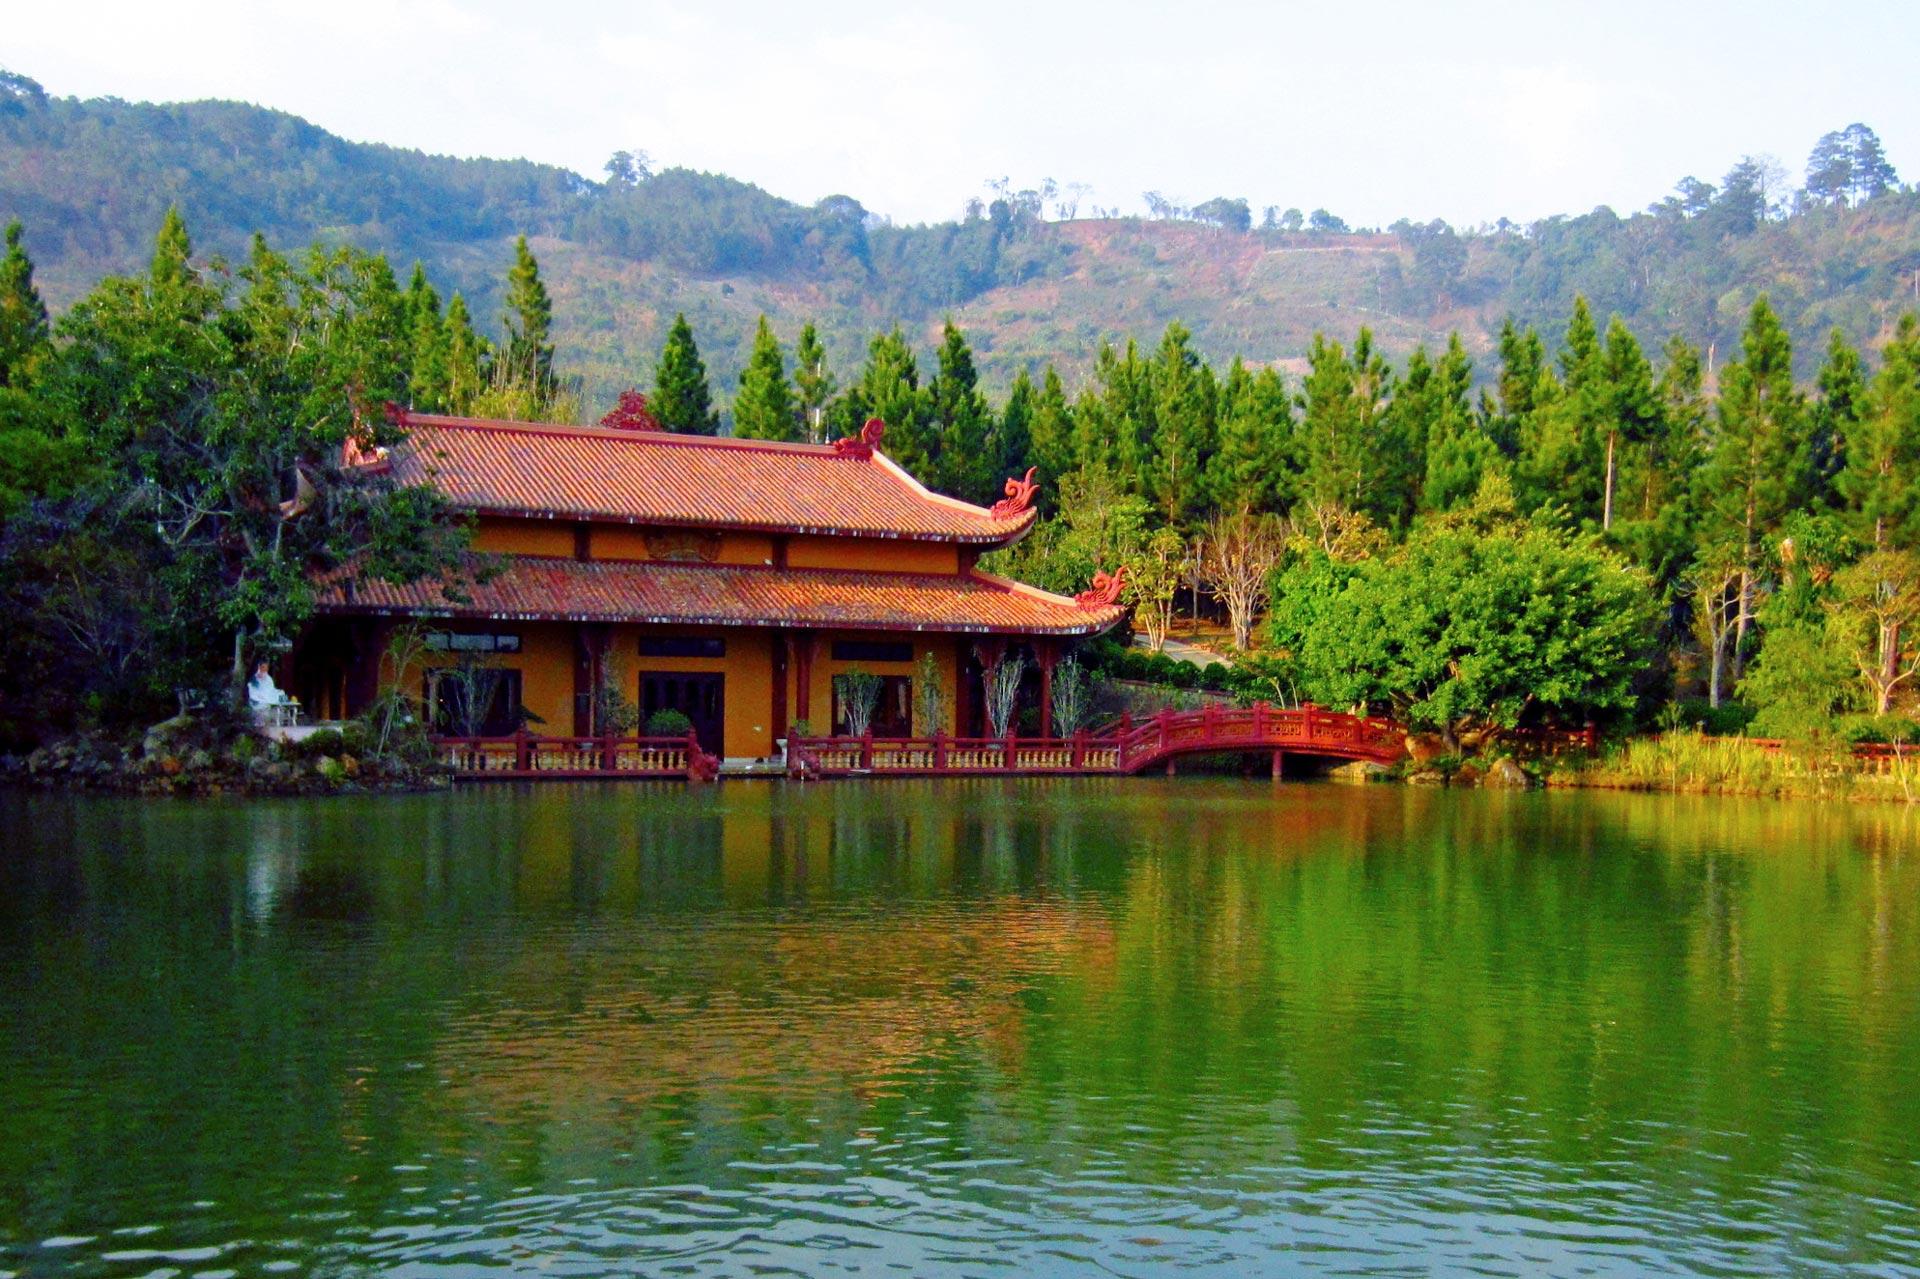 Через Вьетнам на майские праздники